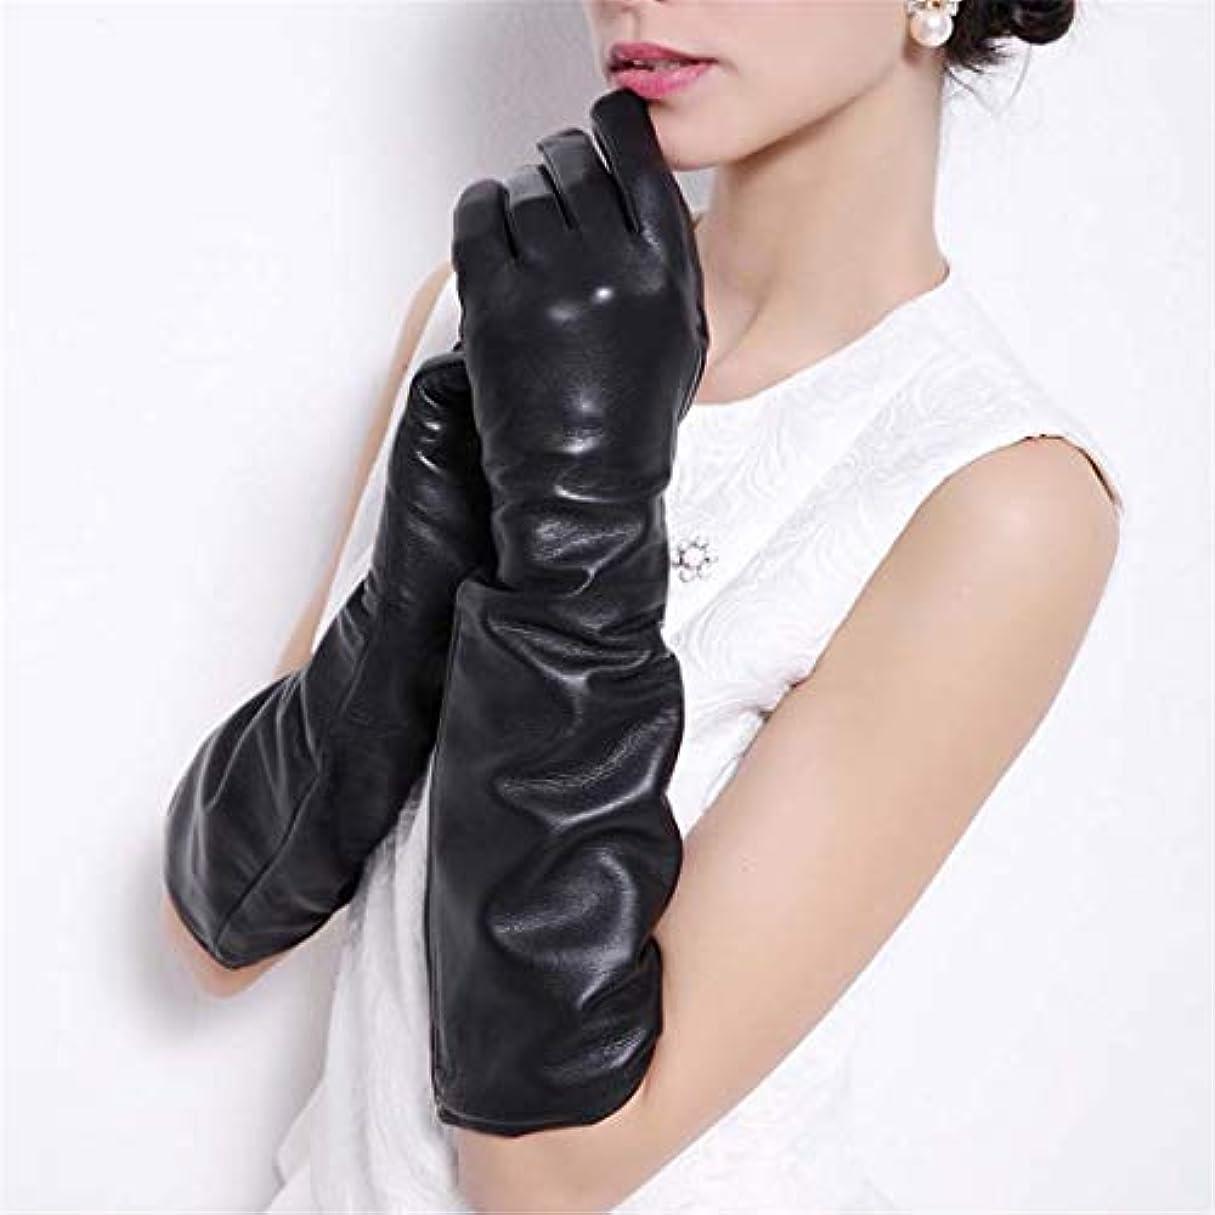 男らしいホラー三レディースファッションロング秋と冬の手袋イブニング機関車寒い冬暖かい黒手袋S-XL